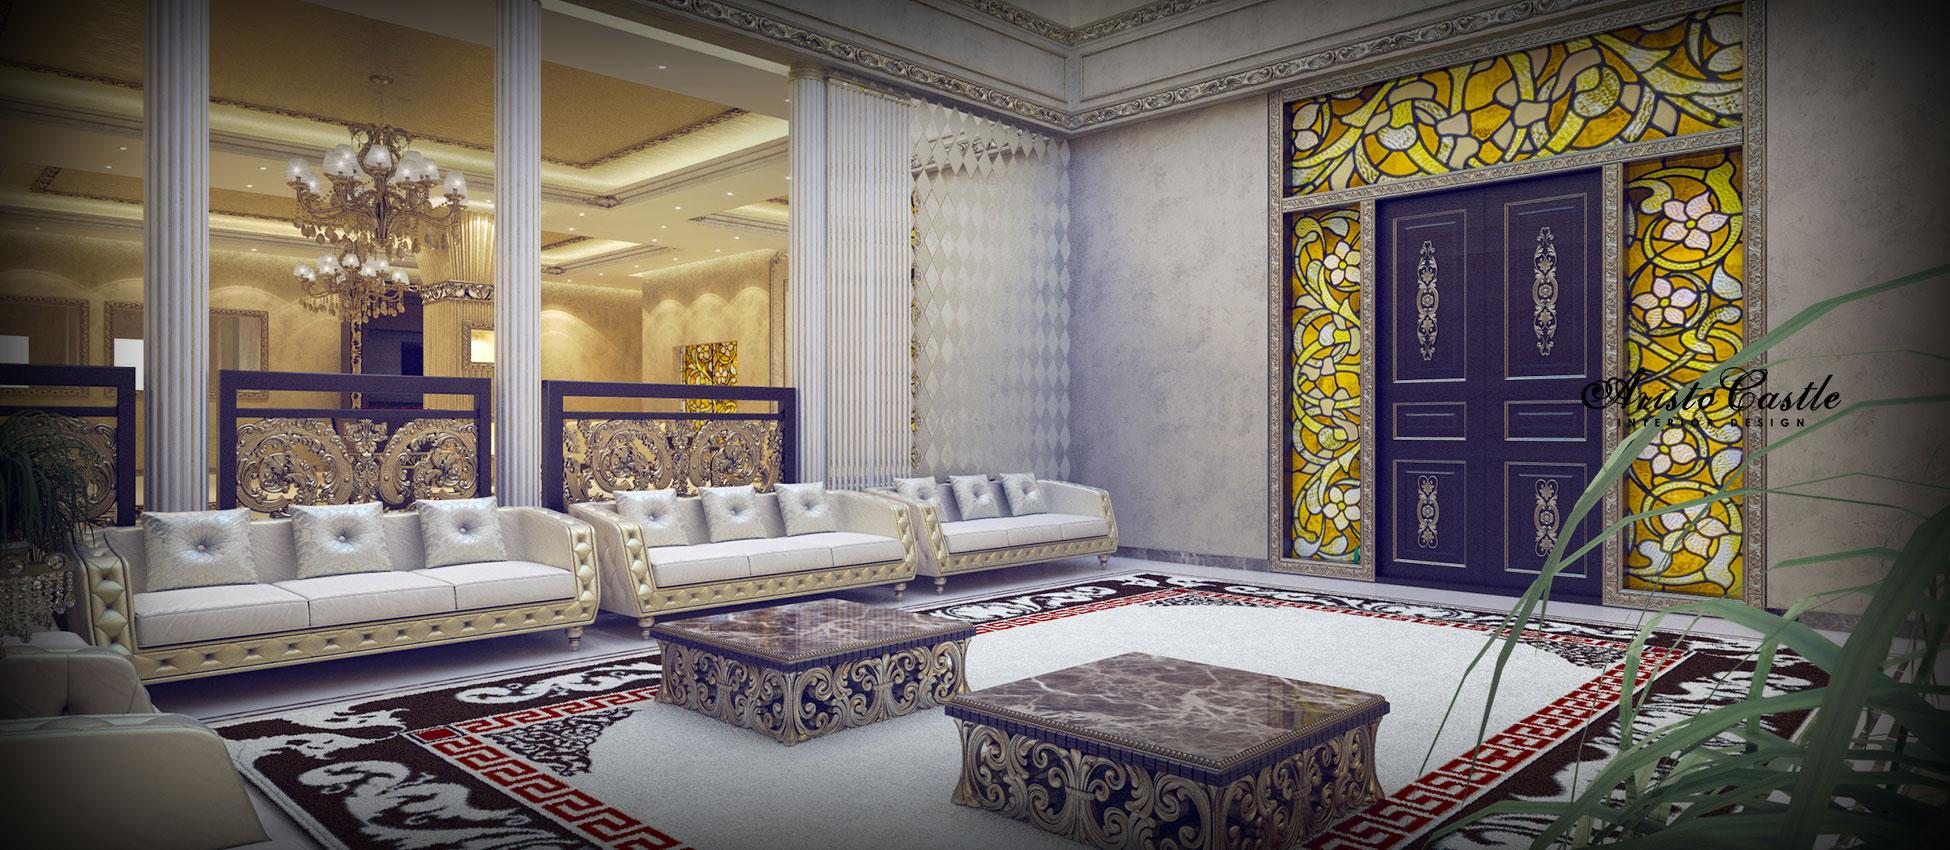 Classic Majlis Designs By Aristo Castle By Aristo Castle